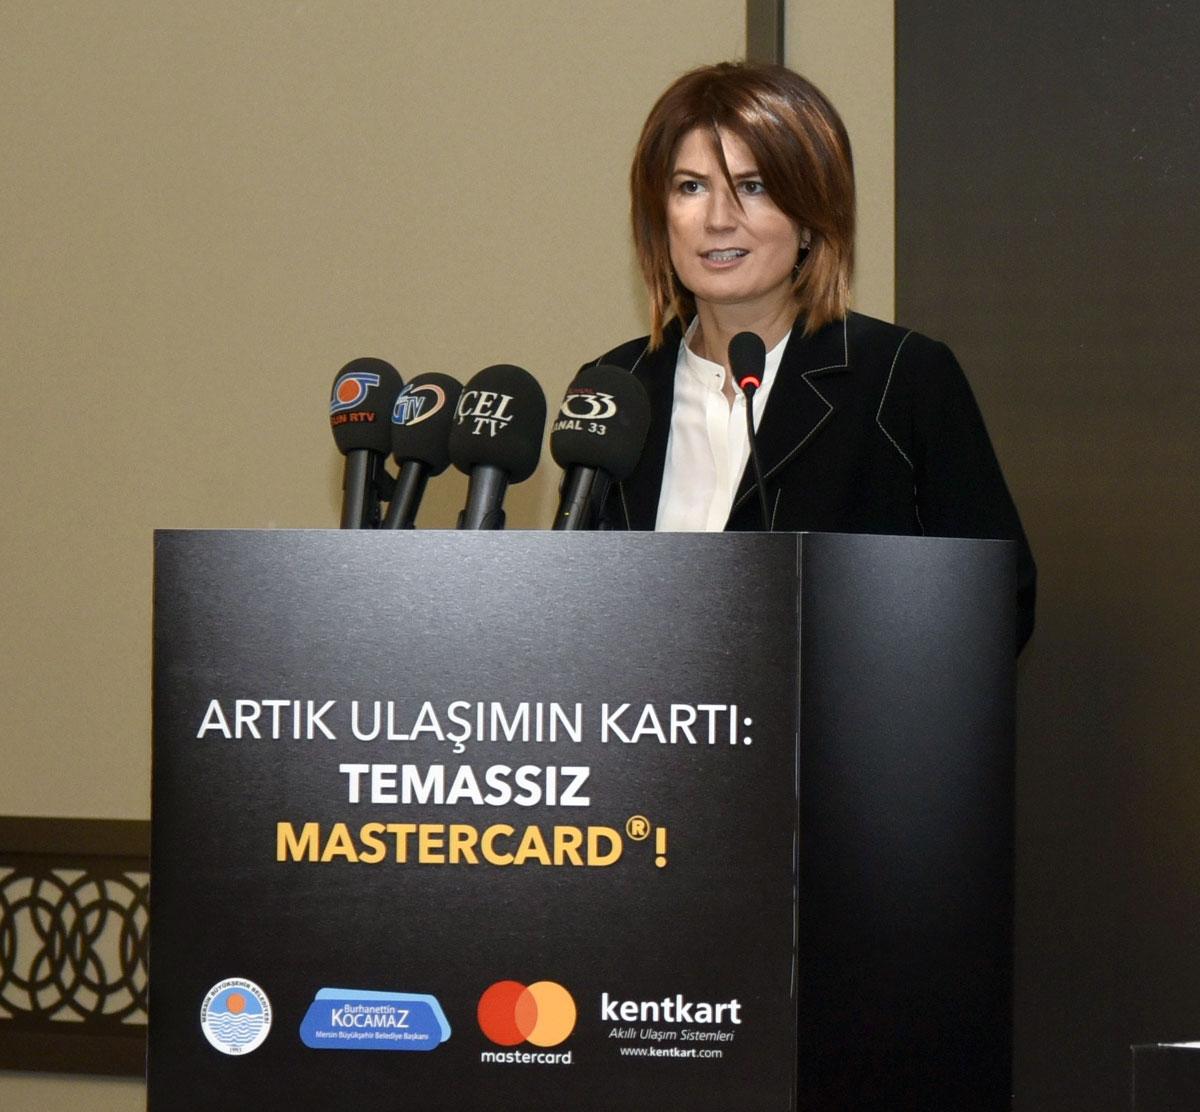 Mastercard'dan Üst Düzey Atama; Yasemin Bedir Kuzey Amerika Başkan Yardımcısı